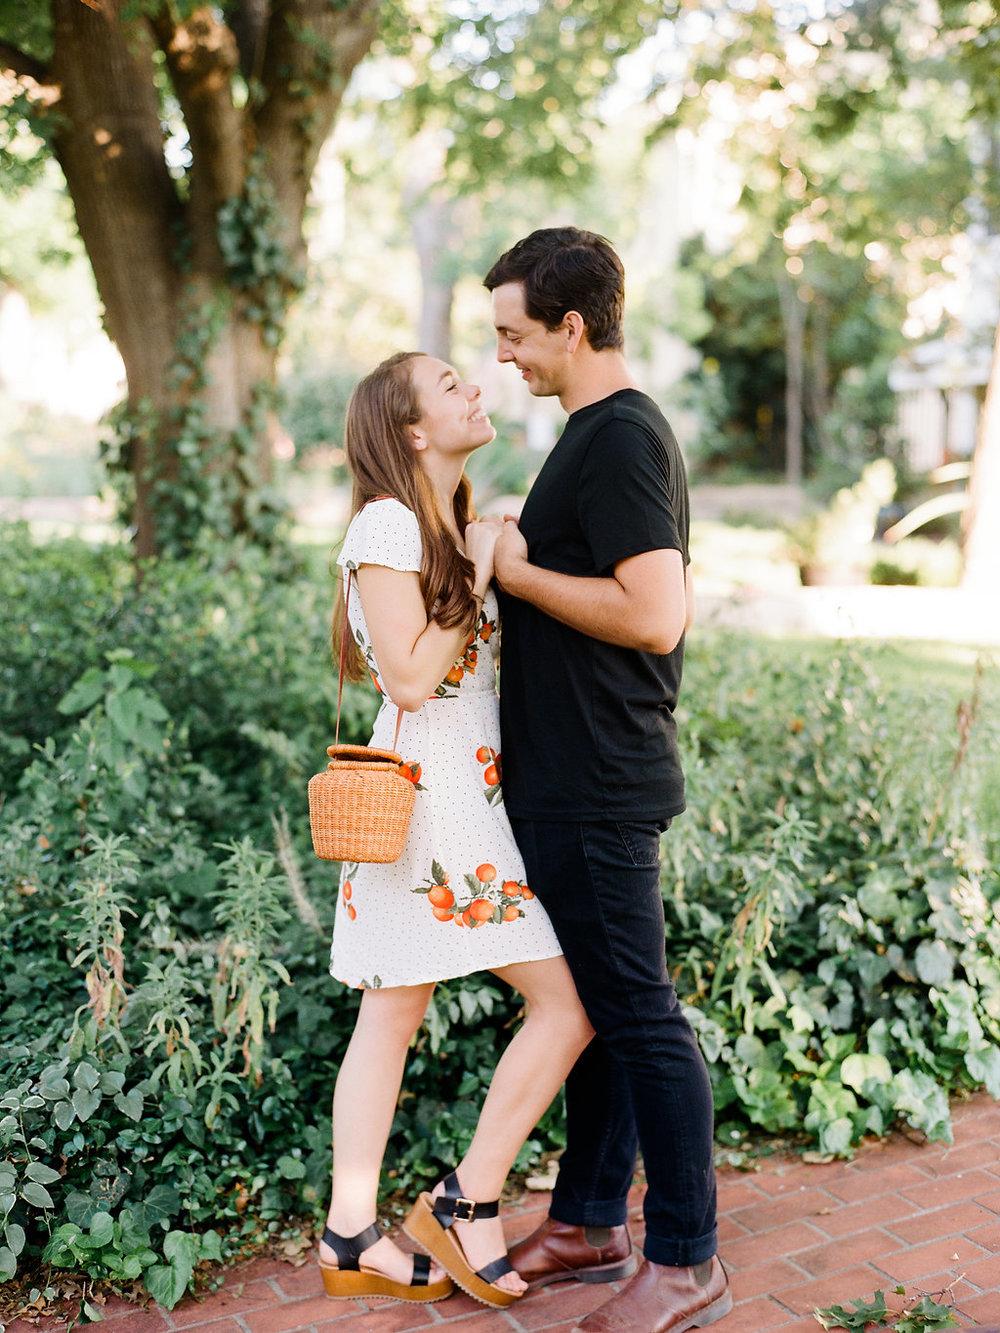 Best-Austin-Denver-California-Wedding-Photographers-fine-art-film-Engagement-Session-21.jpg